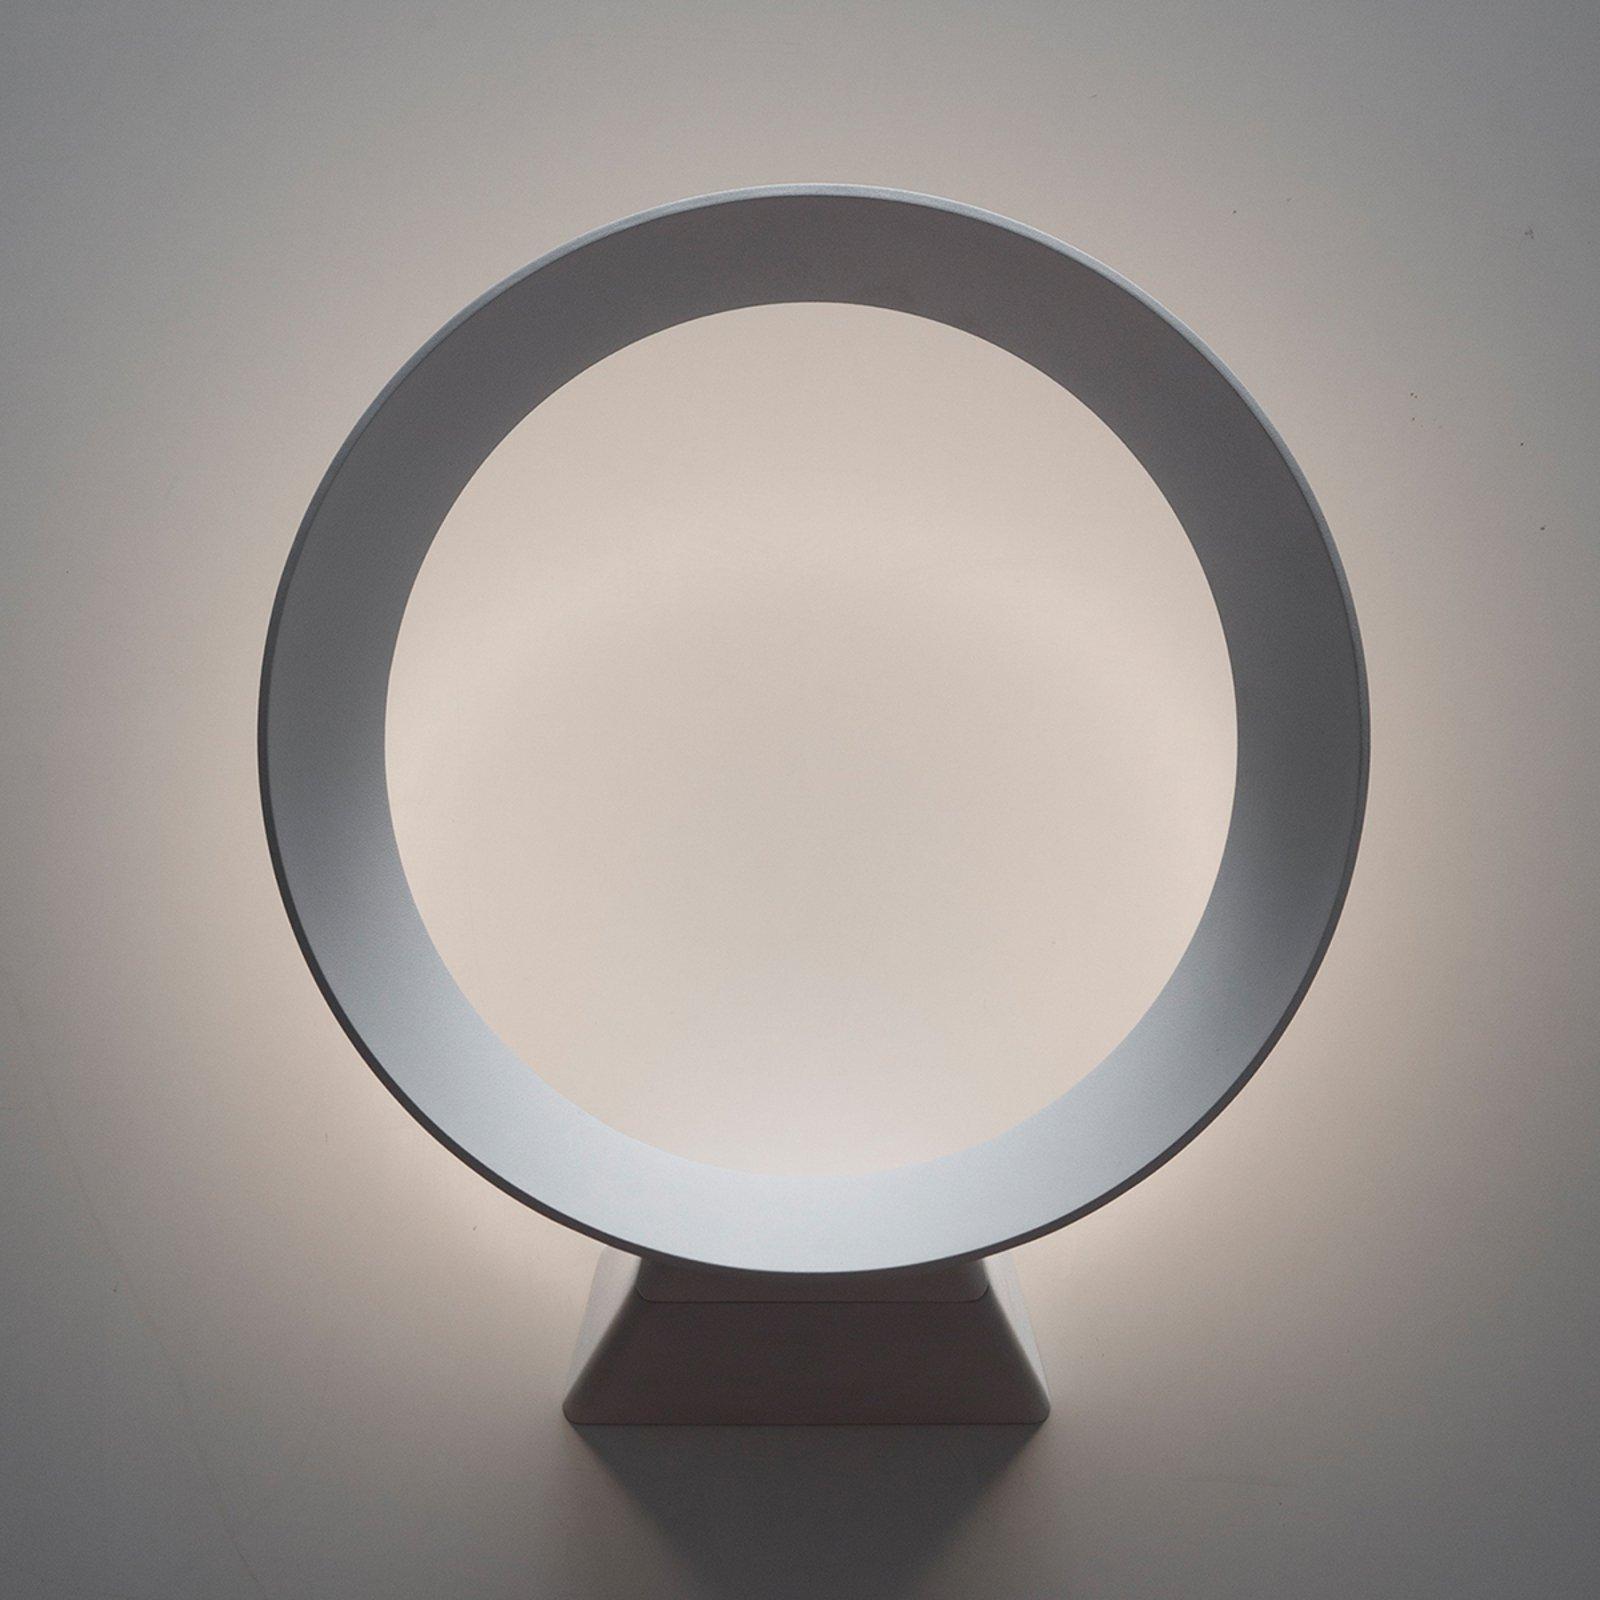 Martinelli Luce LED+O vegglampe 18 W, 3 000 K